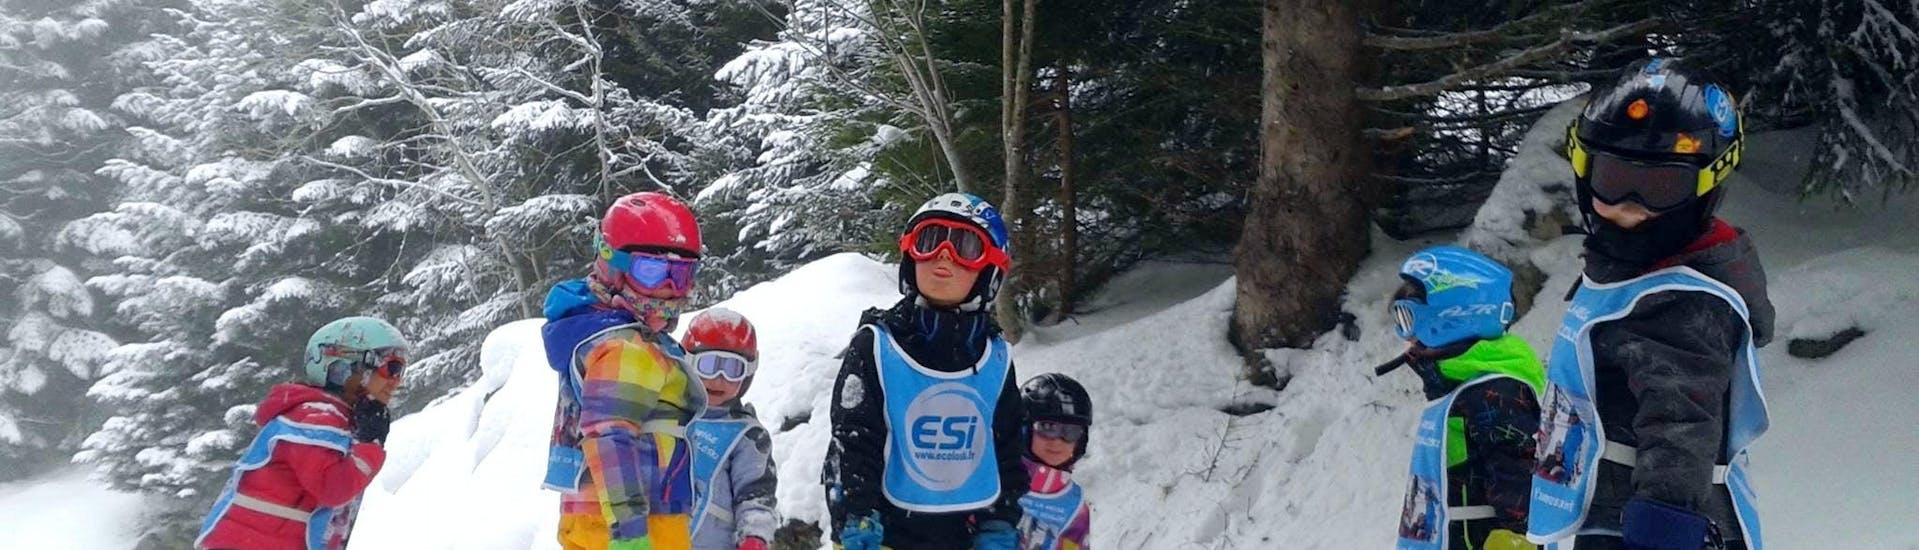 Des enfants se tiennent au milieu de la piste entourés d'arbres pendant leur Cours de ski pour Enfants (5-15 ans) - Après-midi - Débutant avec l'école de ski ESI Ecoloski Barèges.